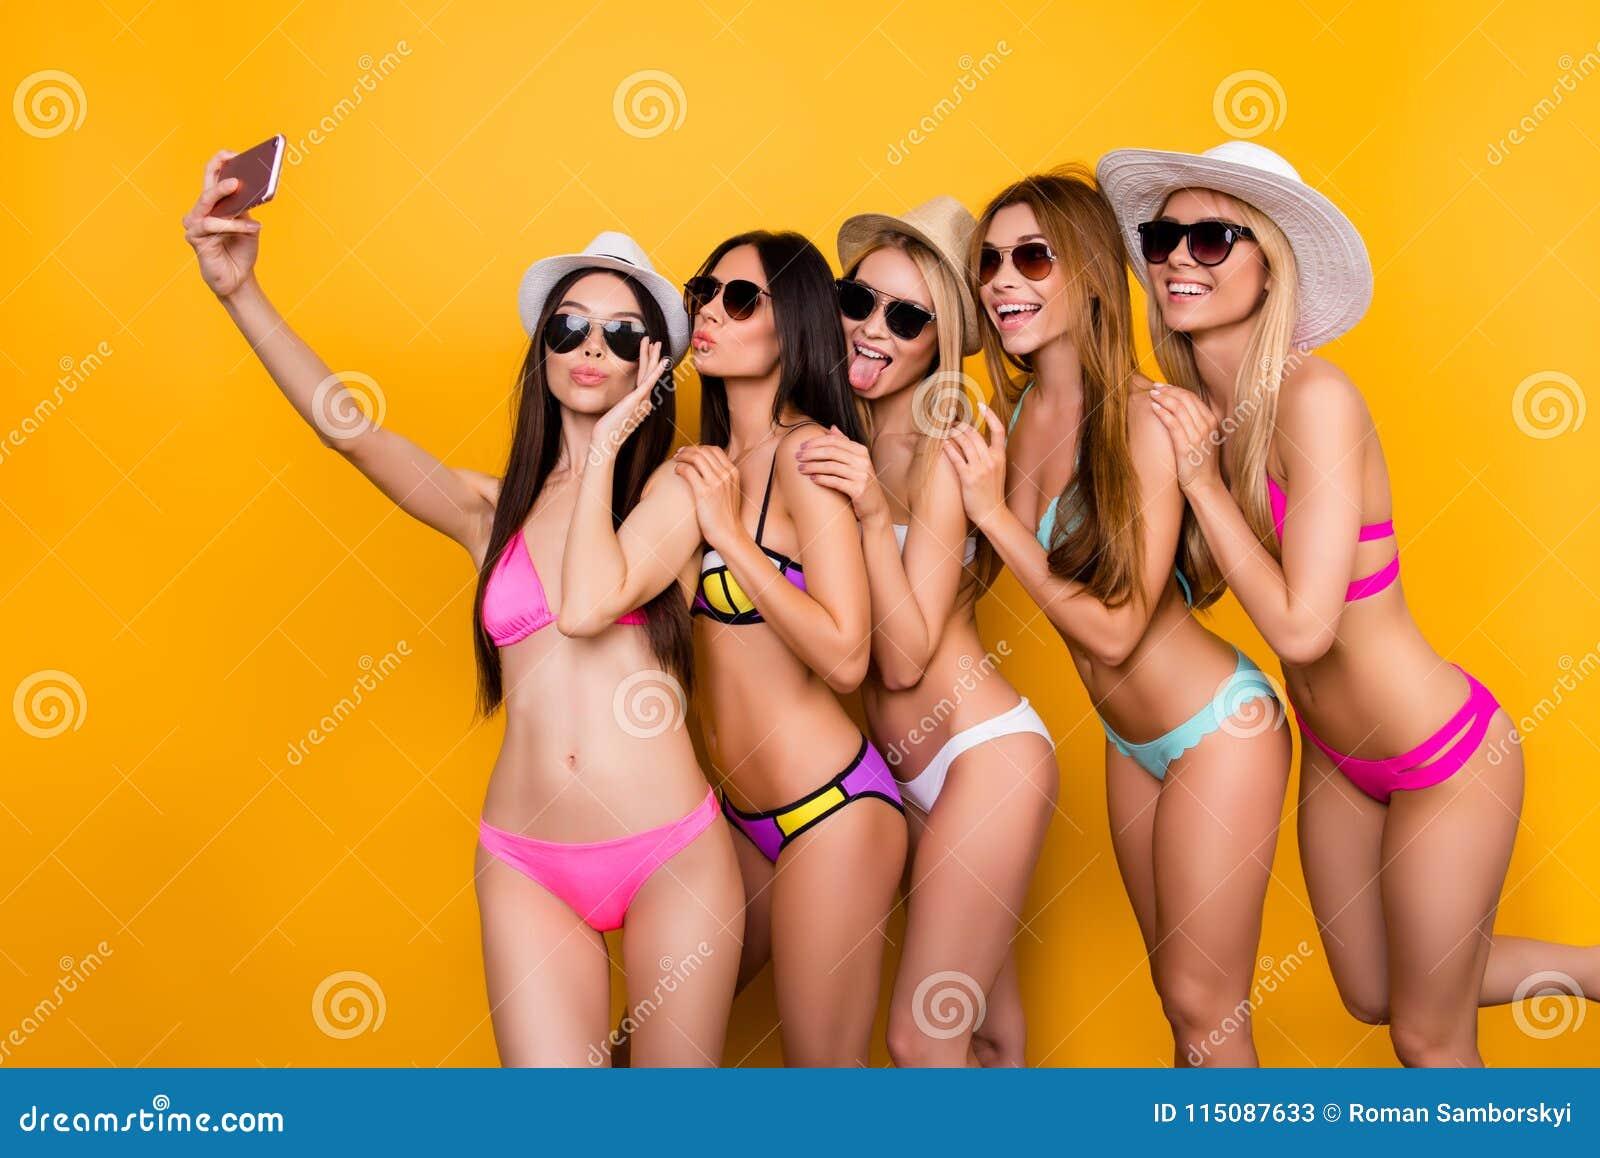 Selfie-Zeit, Babys! Fünf Freundinnen in den Schwimmenklagen, Sonnenbrille a